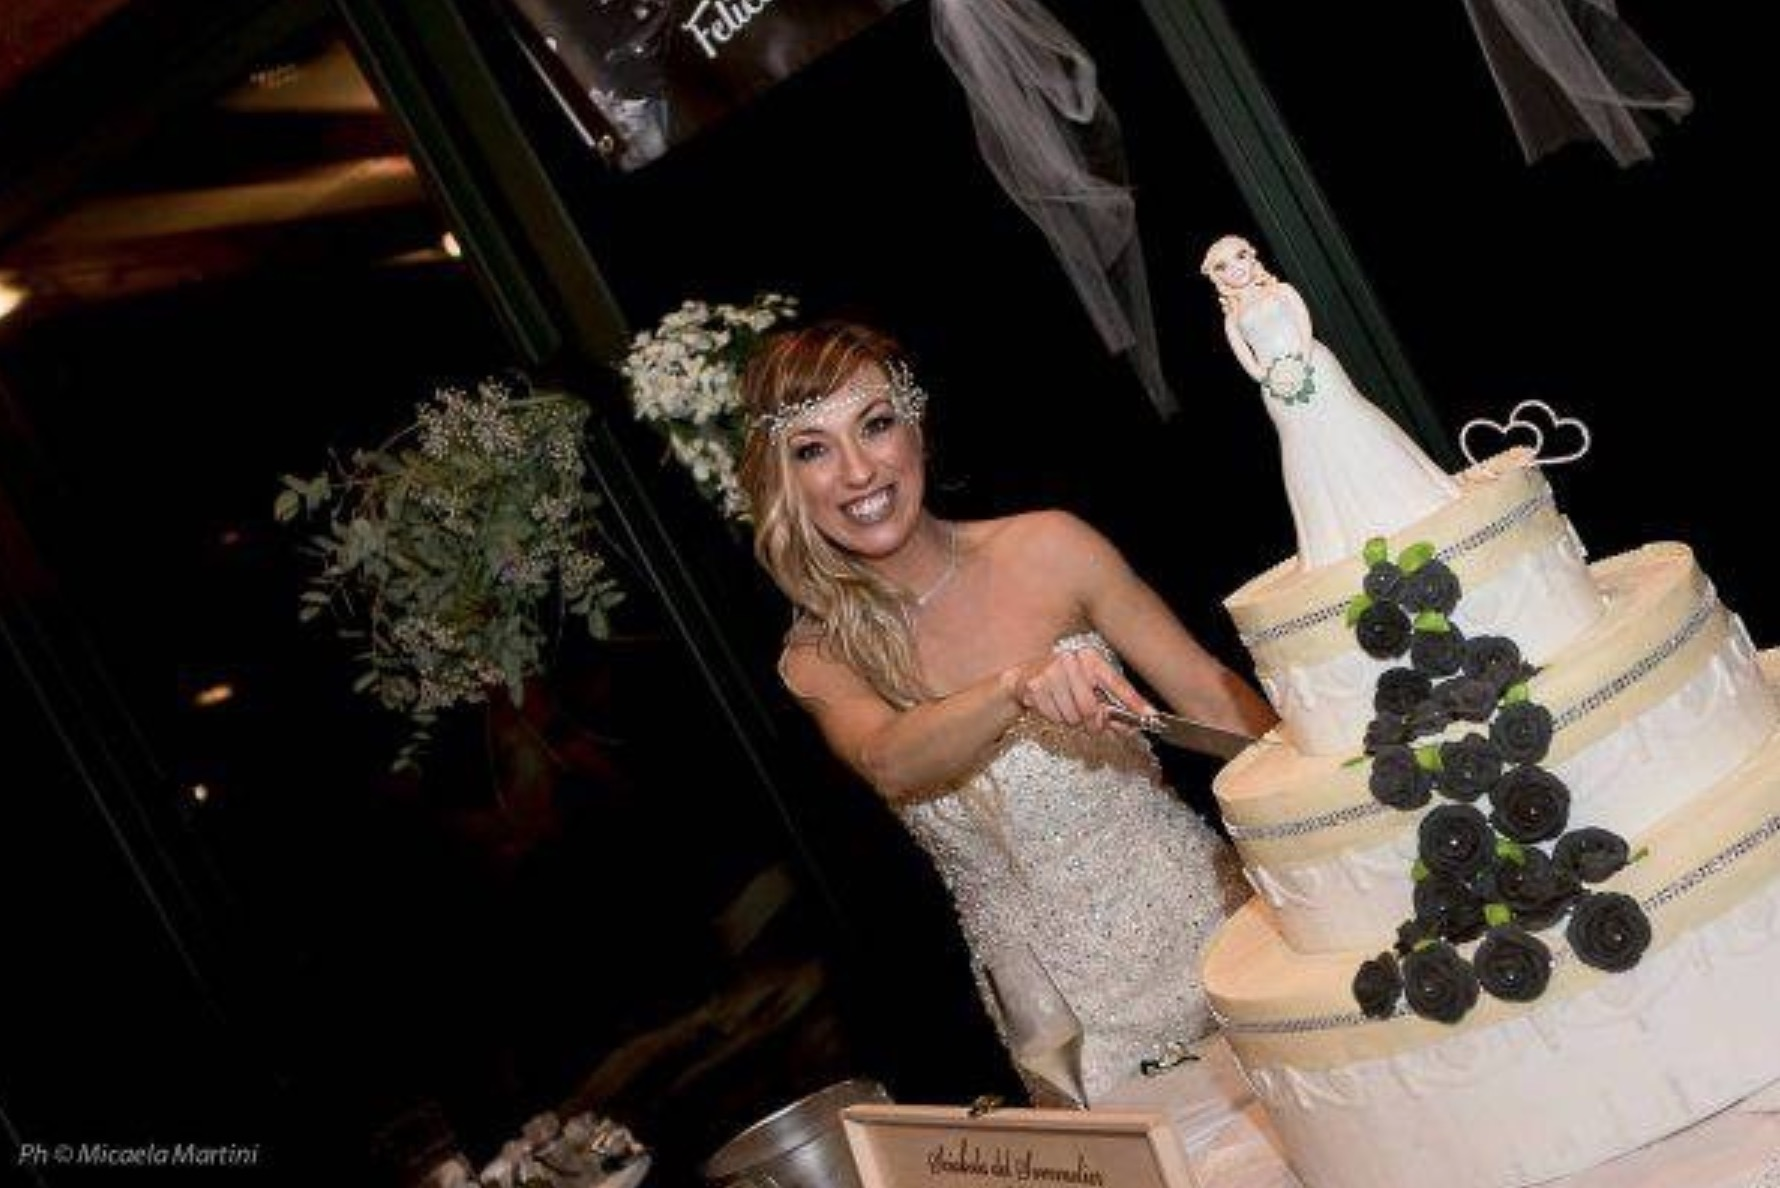 La 40 de ani, o italiancă a decis să se mărite cu ea însăși